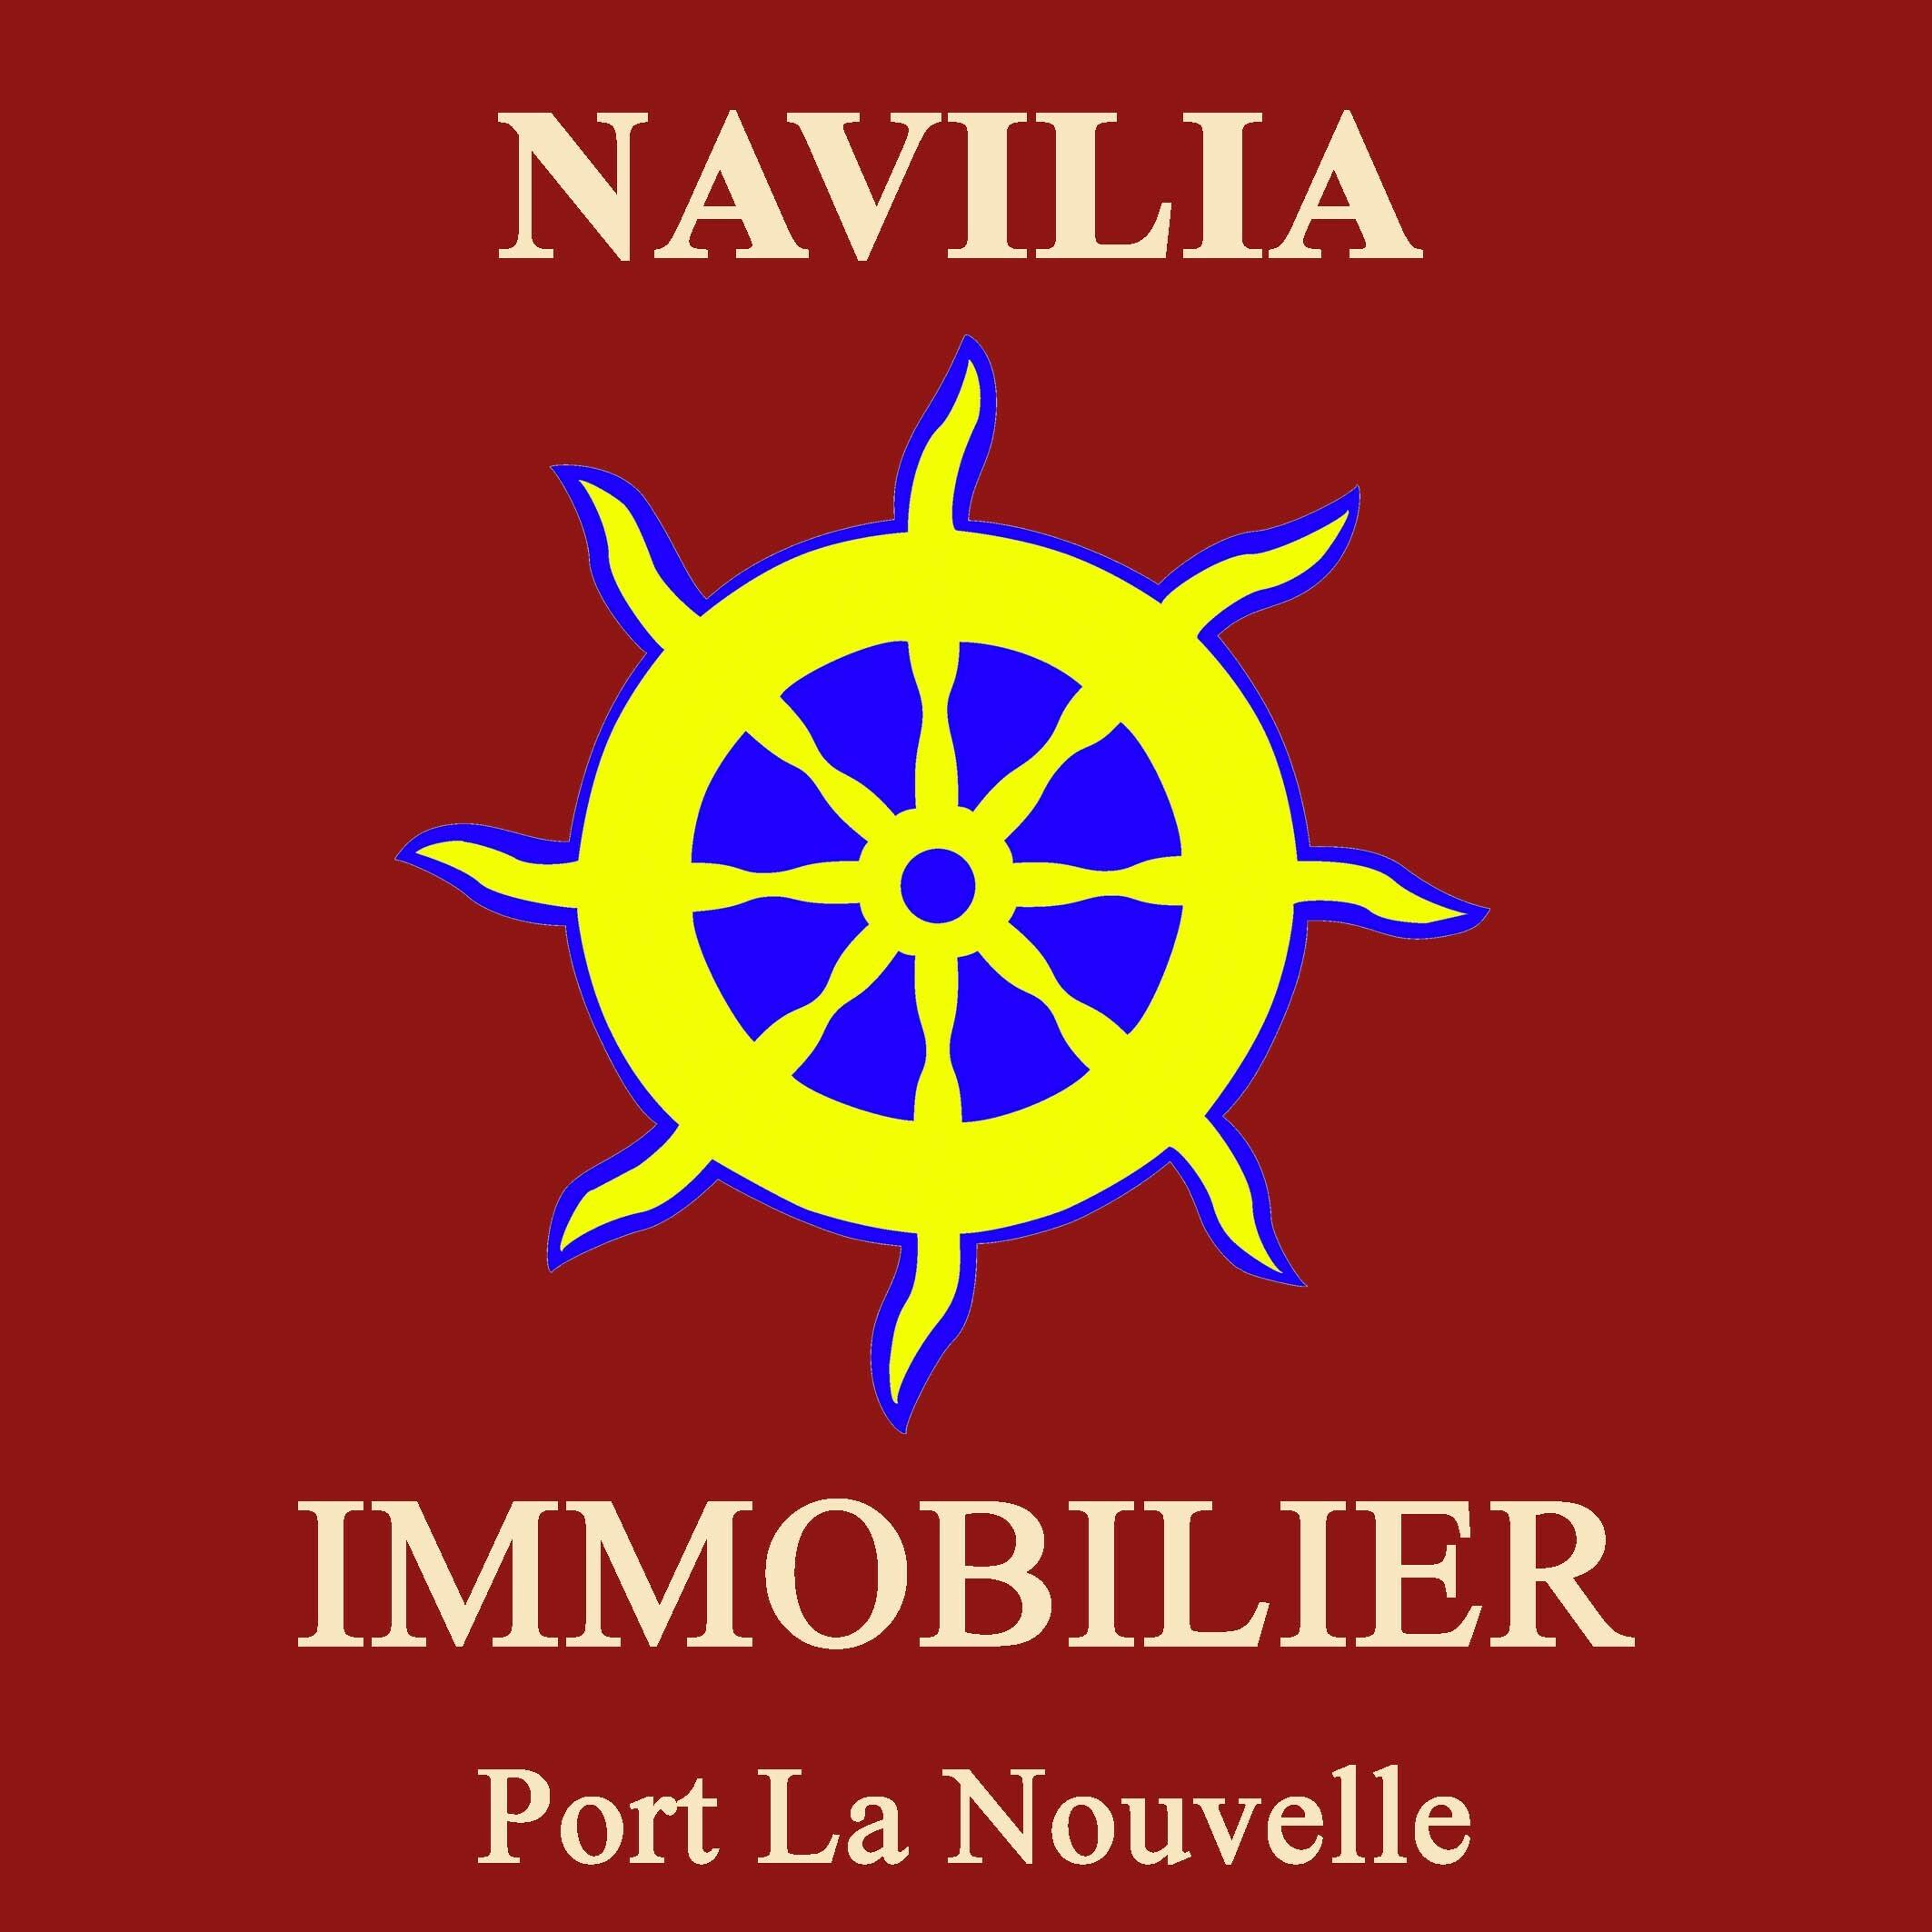 Logo de NAVILIA IMMOBILIER